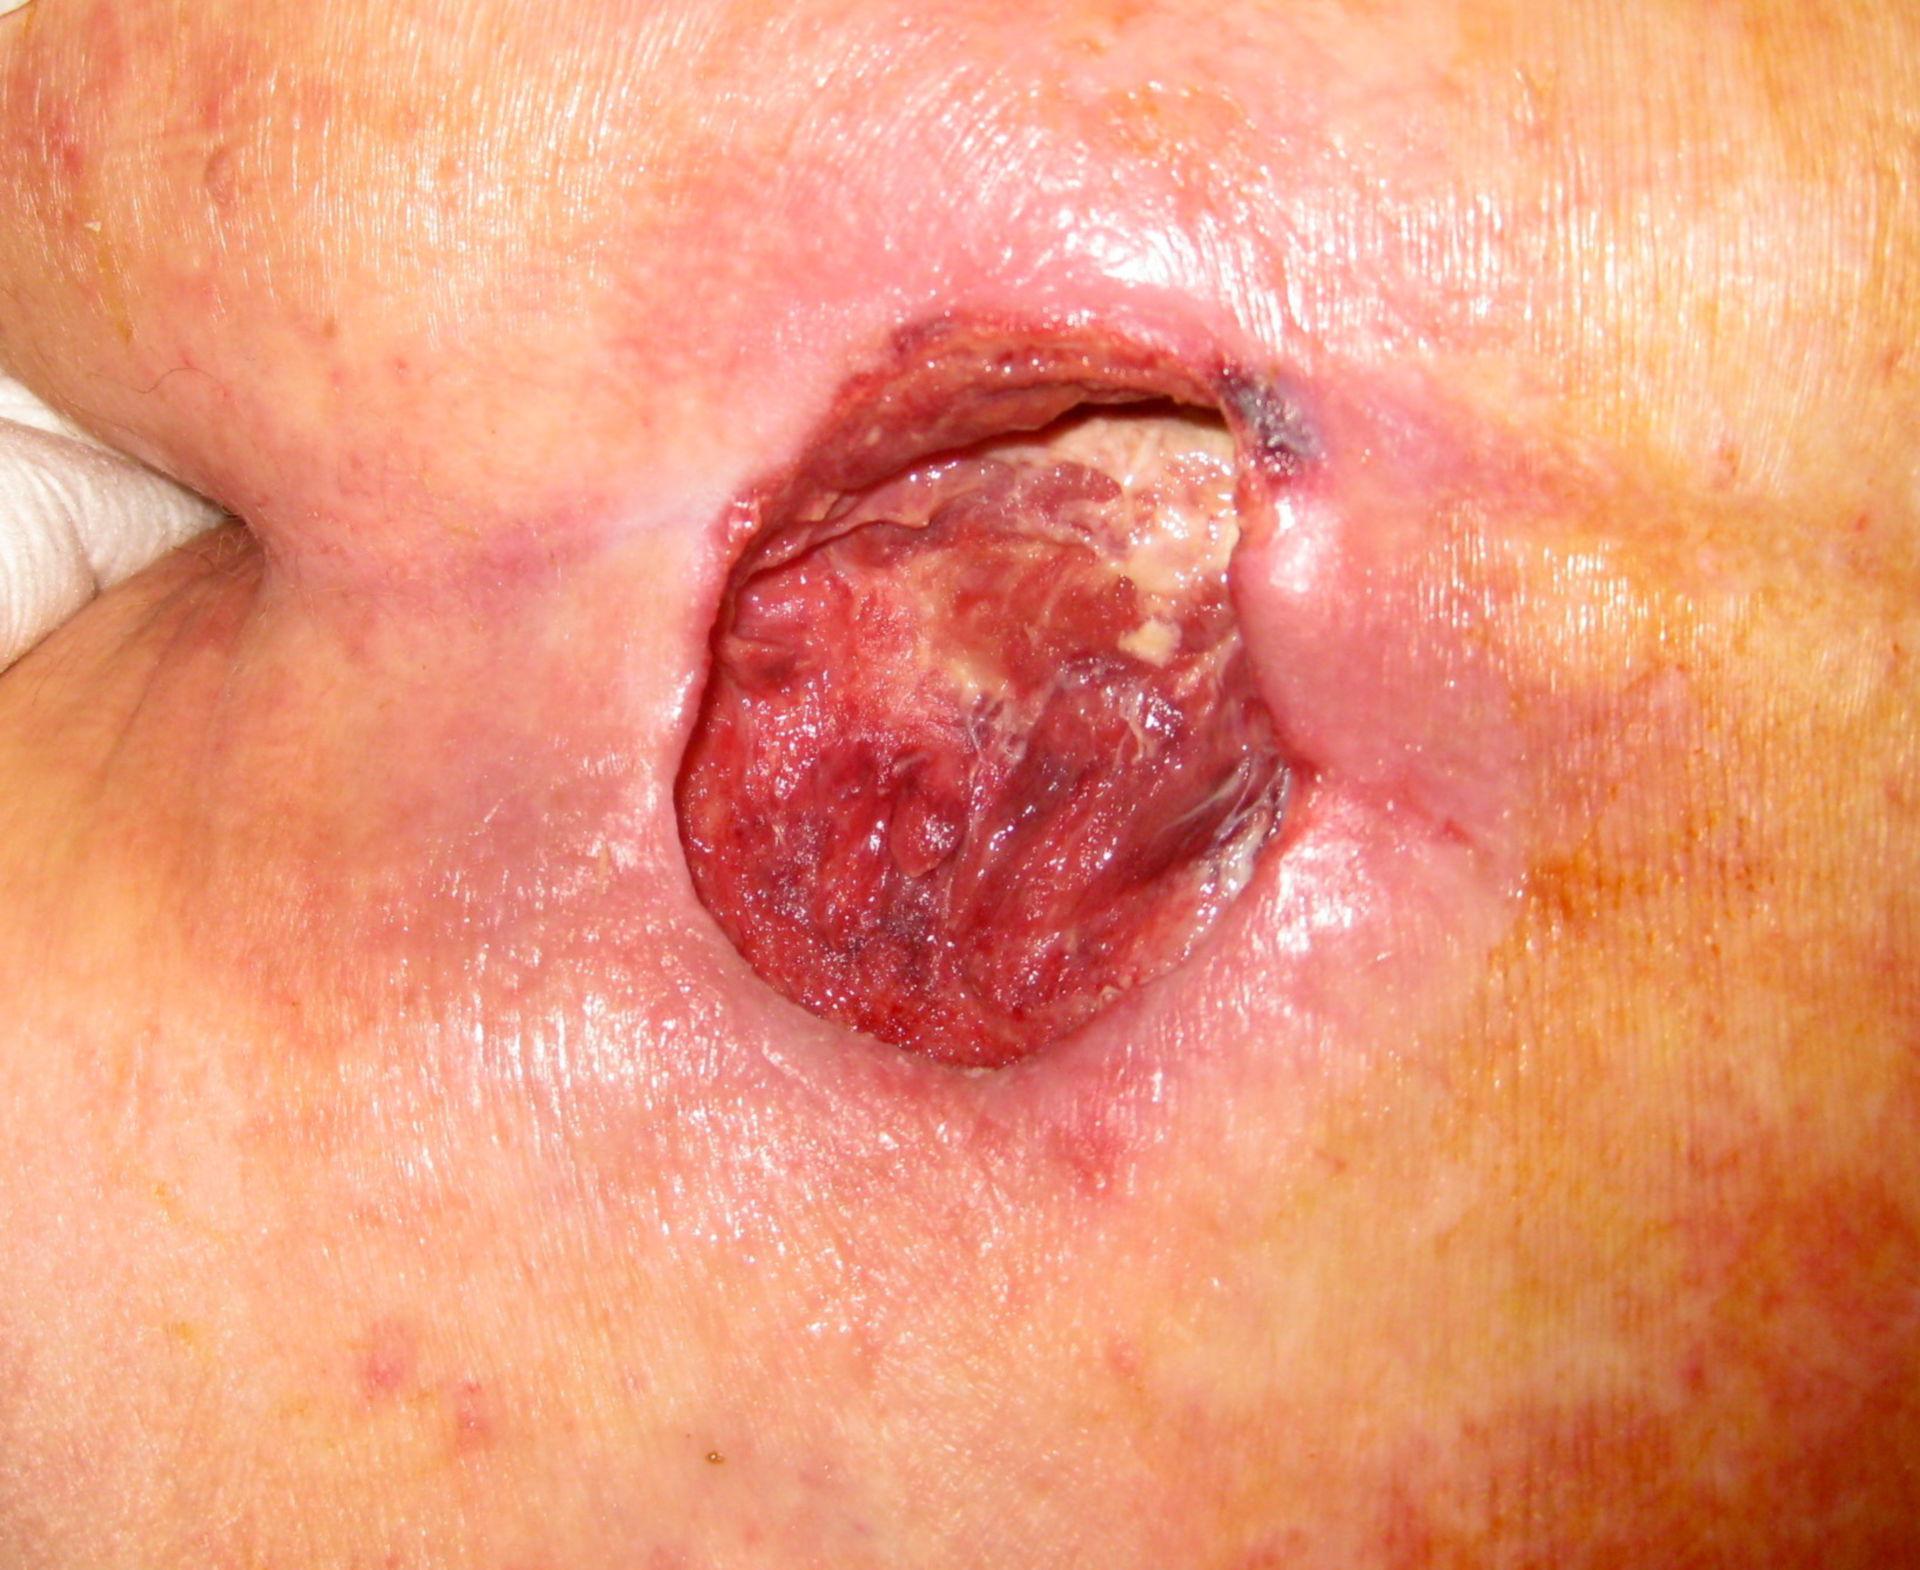 Decubital ulcer grade III - debridement